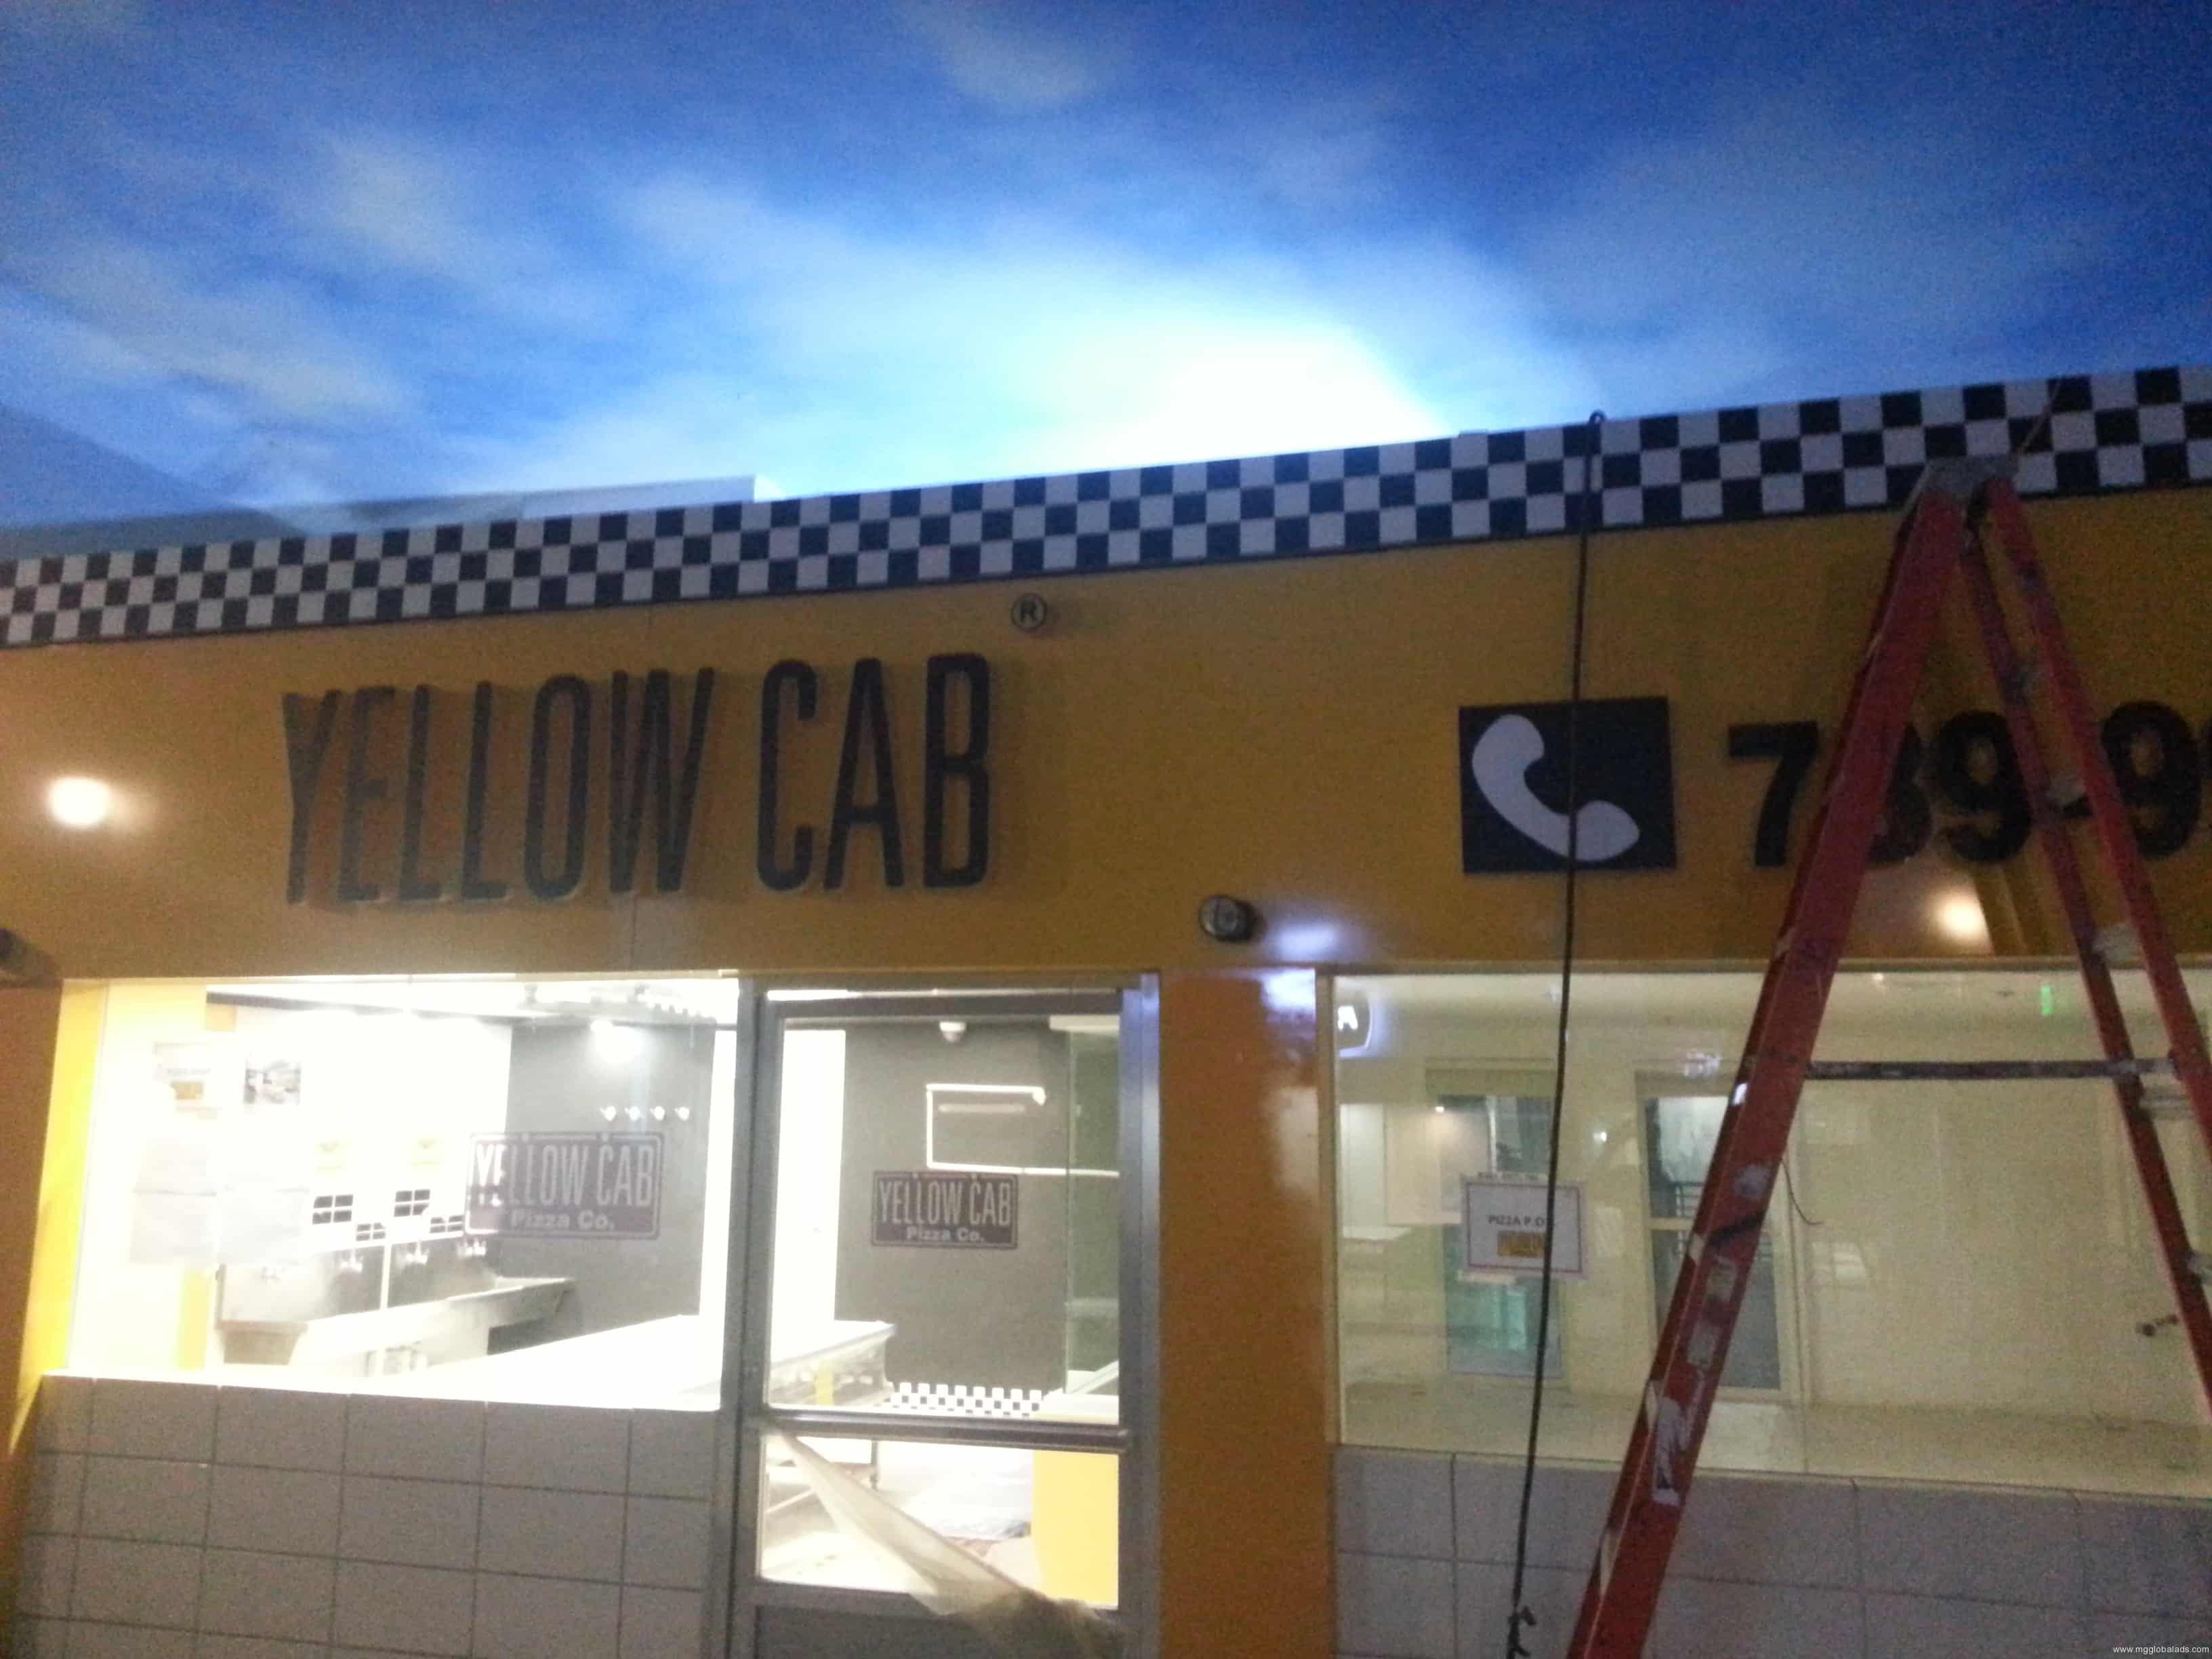 Yellow Cab  restaurant signage  acrylic signage